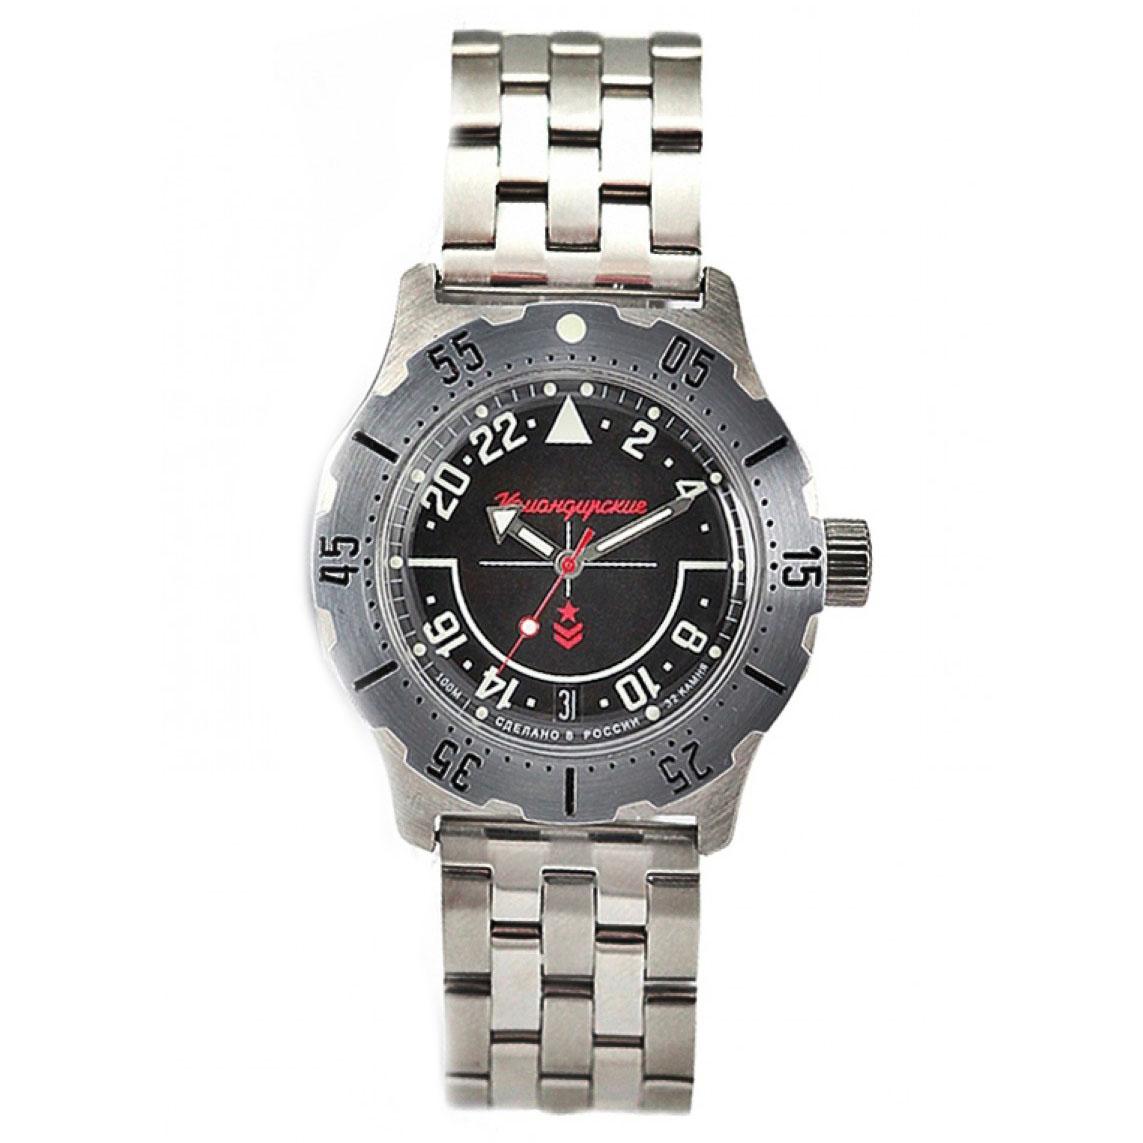 Vostok Komandirskie K-35 Automatic Watch 2431.01/350617